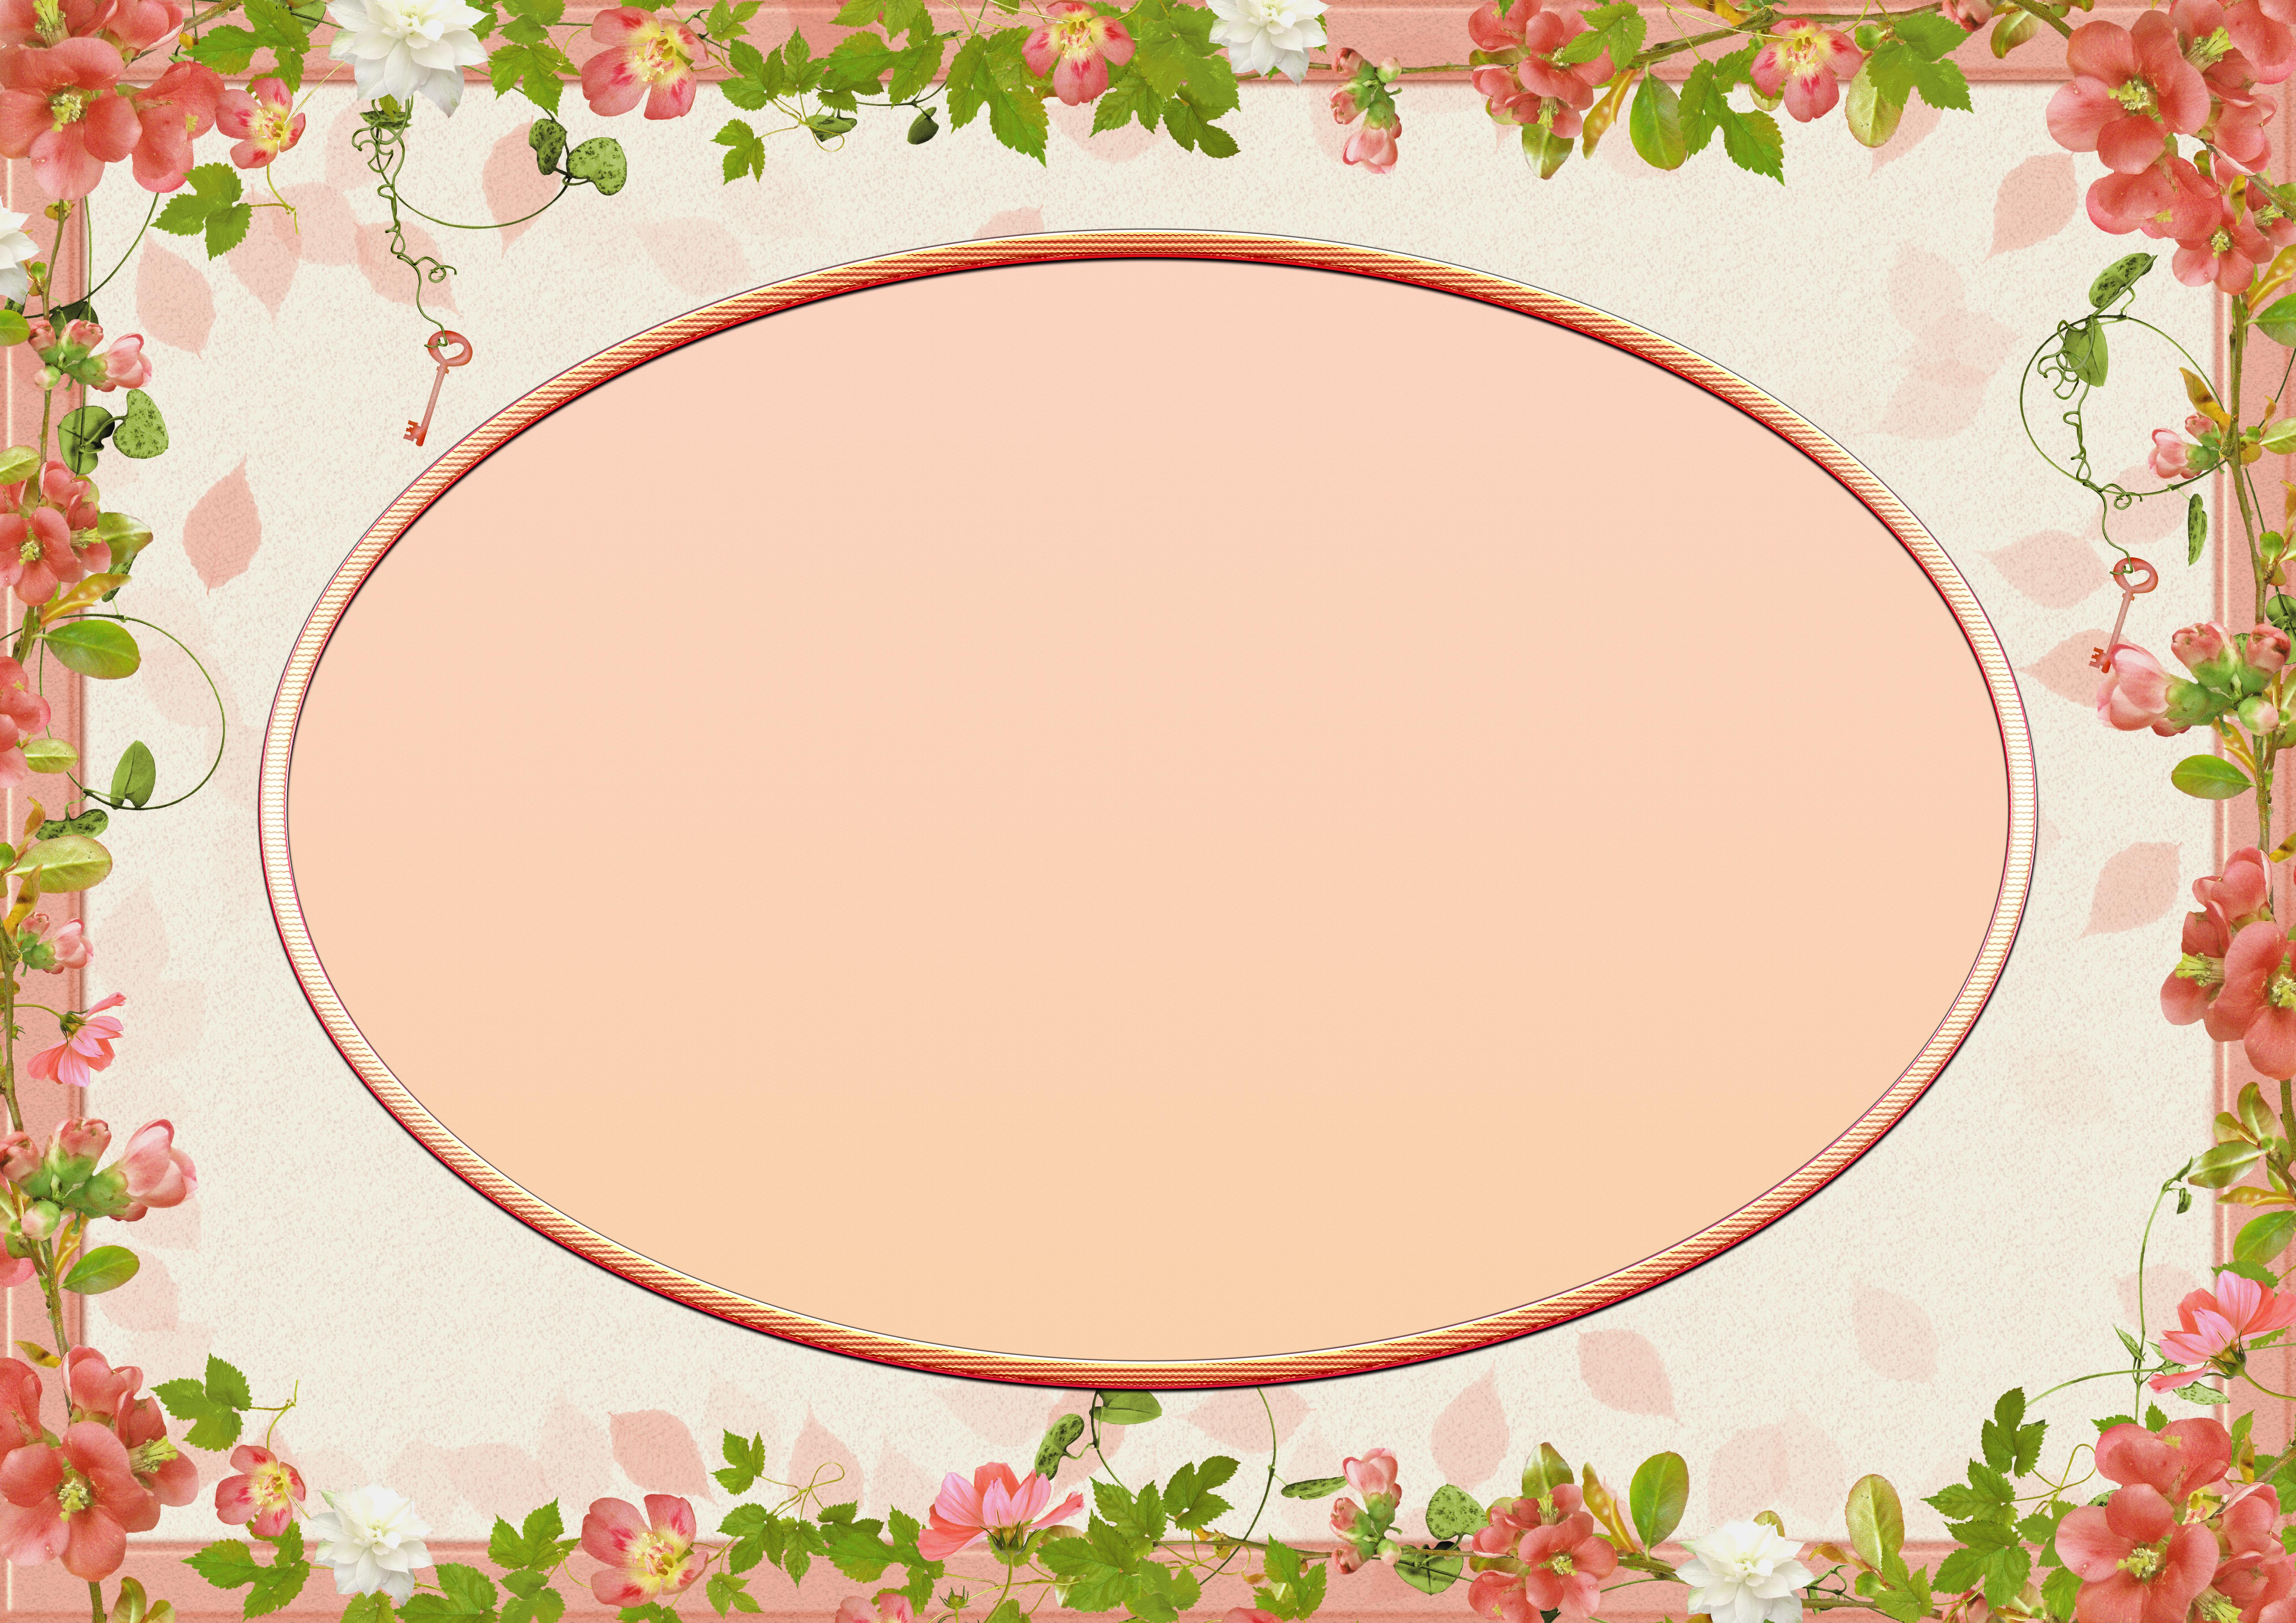 Gambar Bunga Bunga Flower Frame Kosong Ruang Teks Ceria